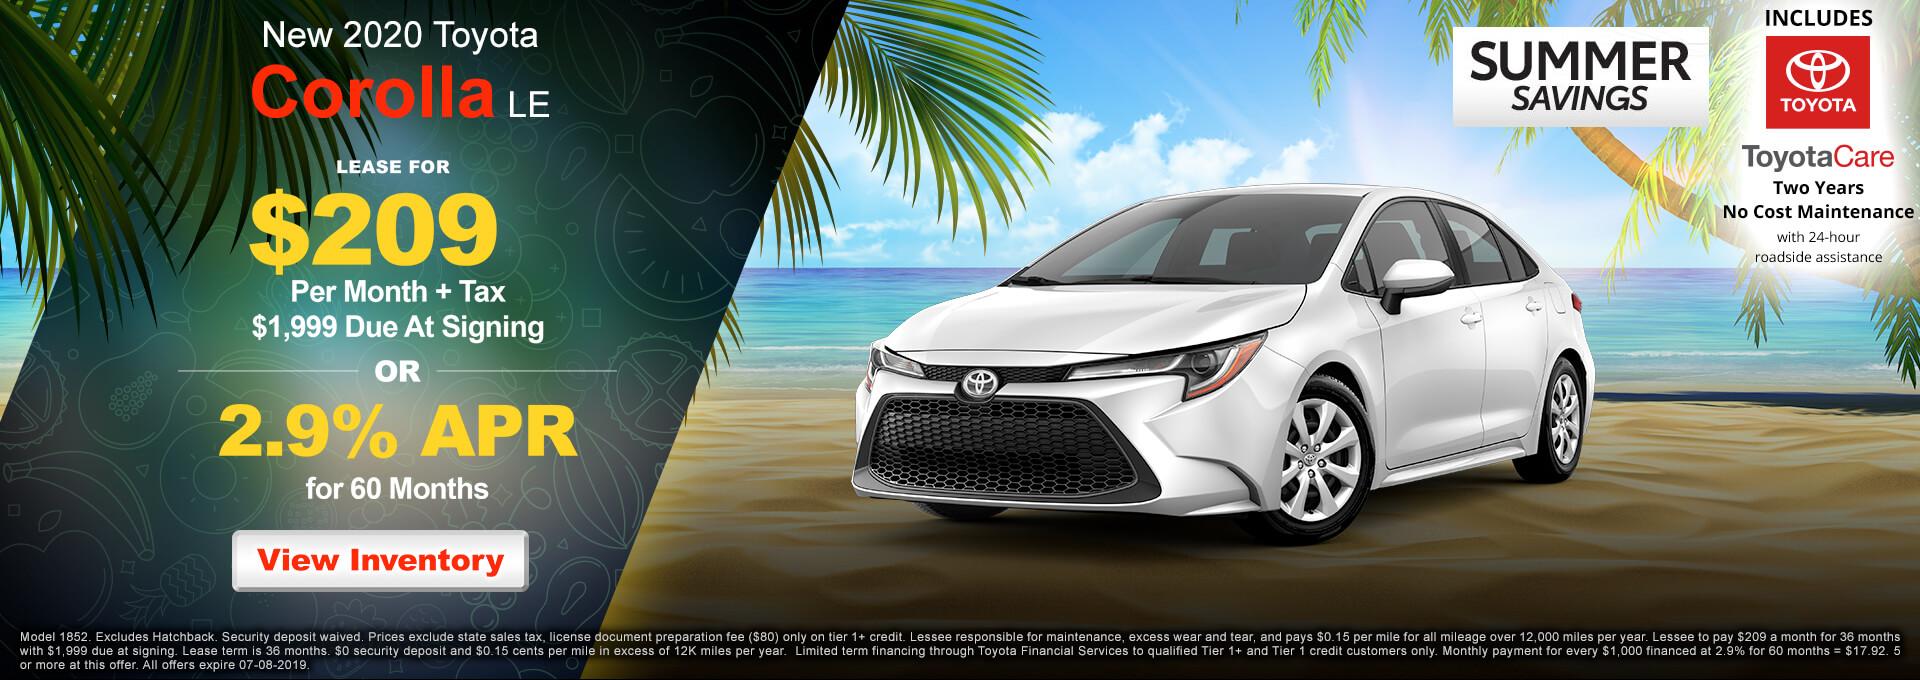 2019 Toyota Corolla LE $209